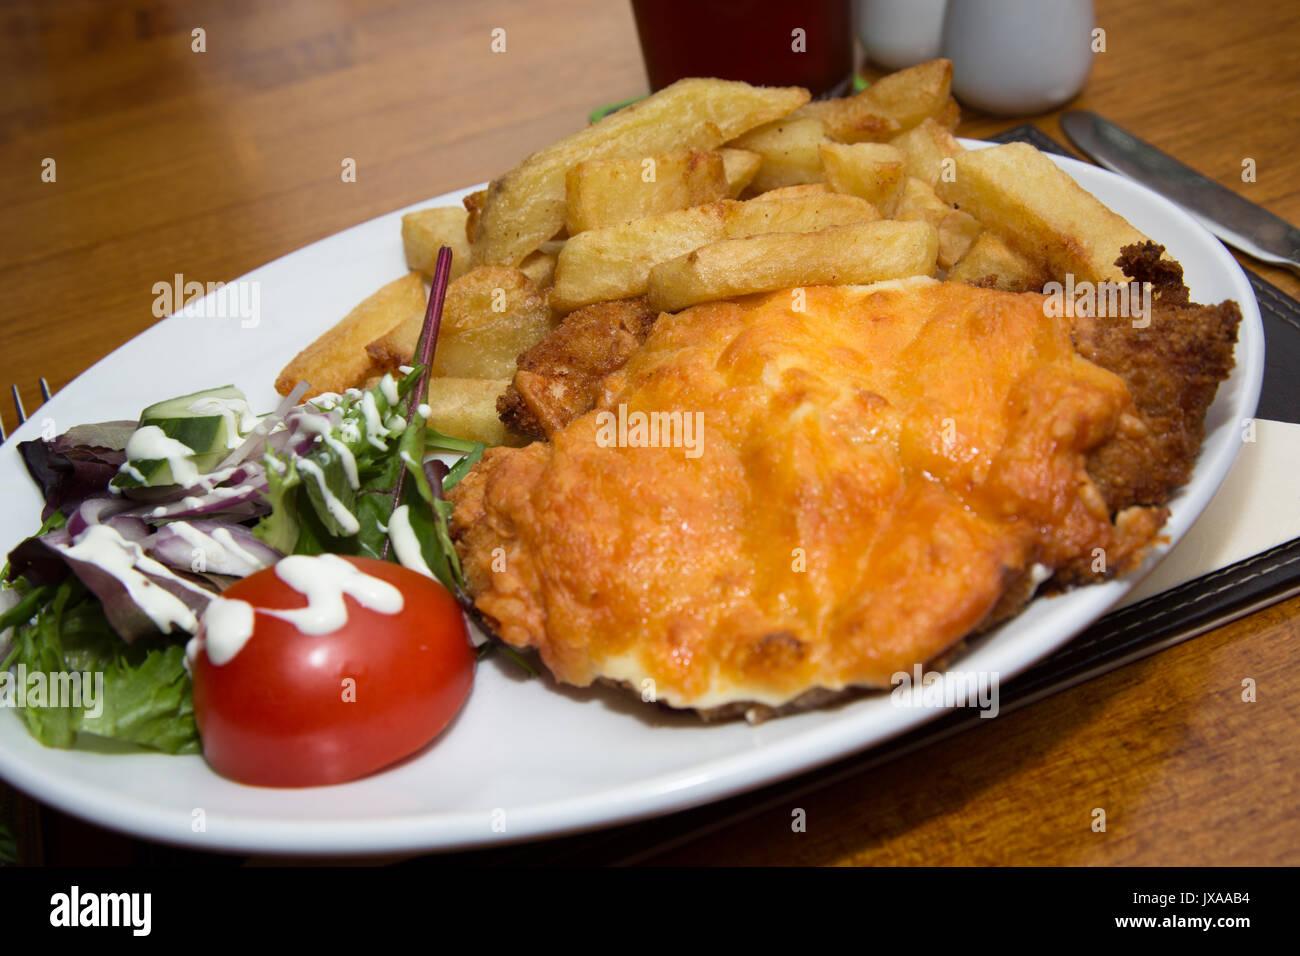 Huhn Parmo serviert zum Mittagessen in einem englischen Pub/Bar/Restaurant mit einem Pint Ale. Stockbild